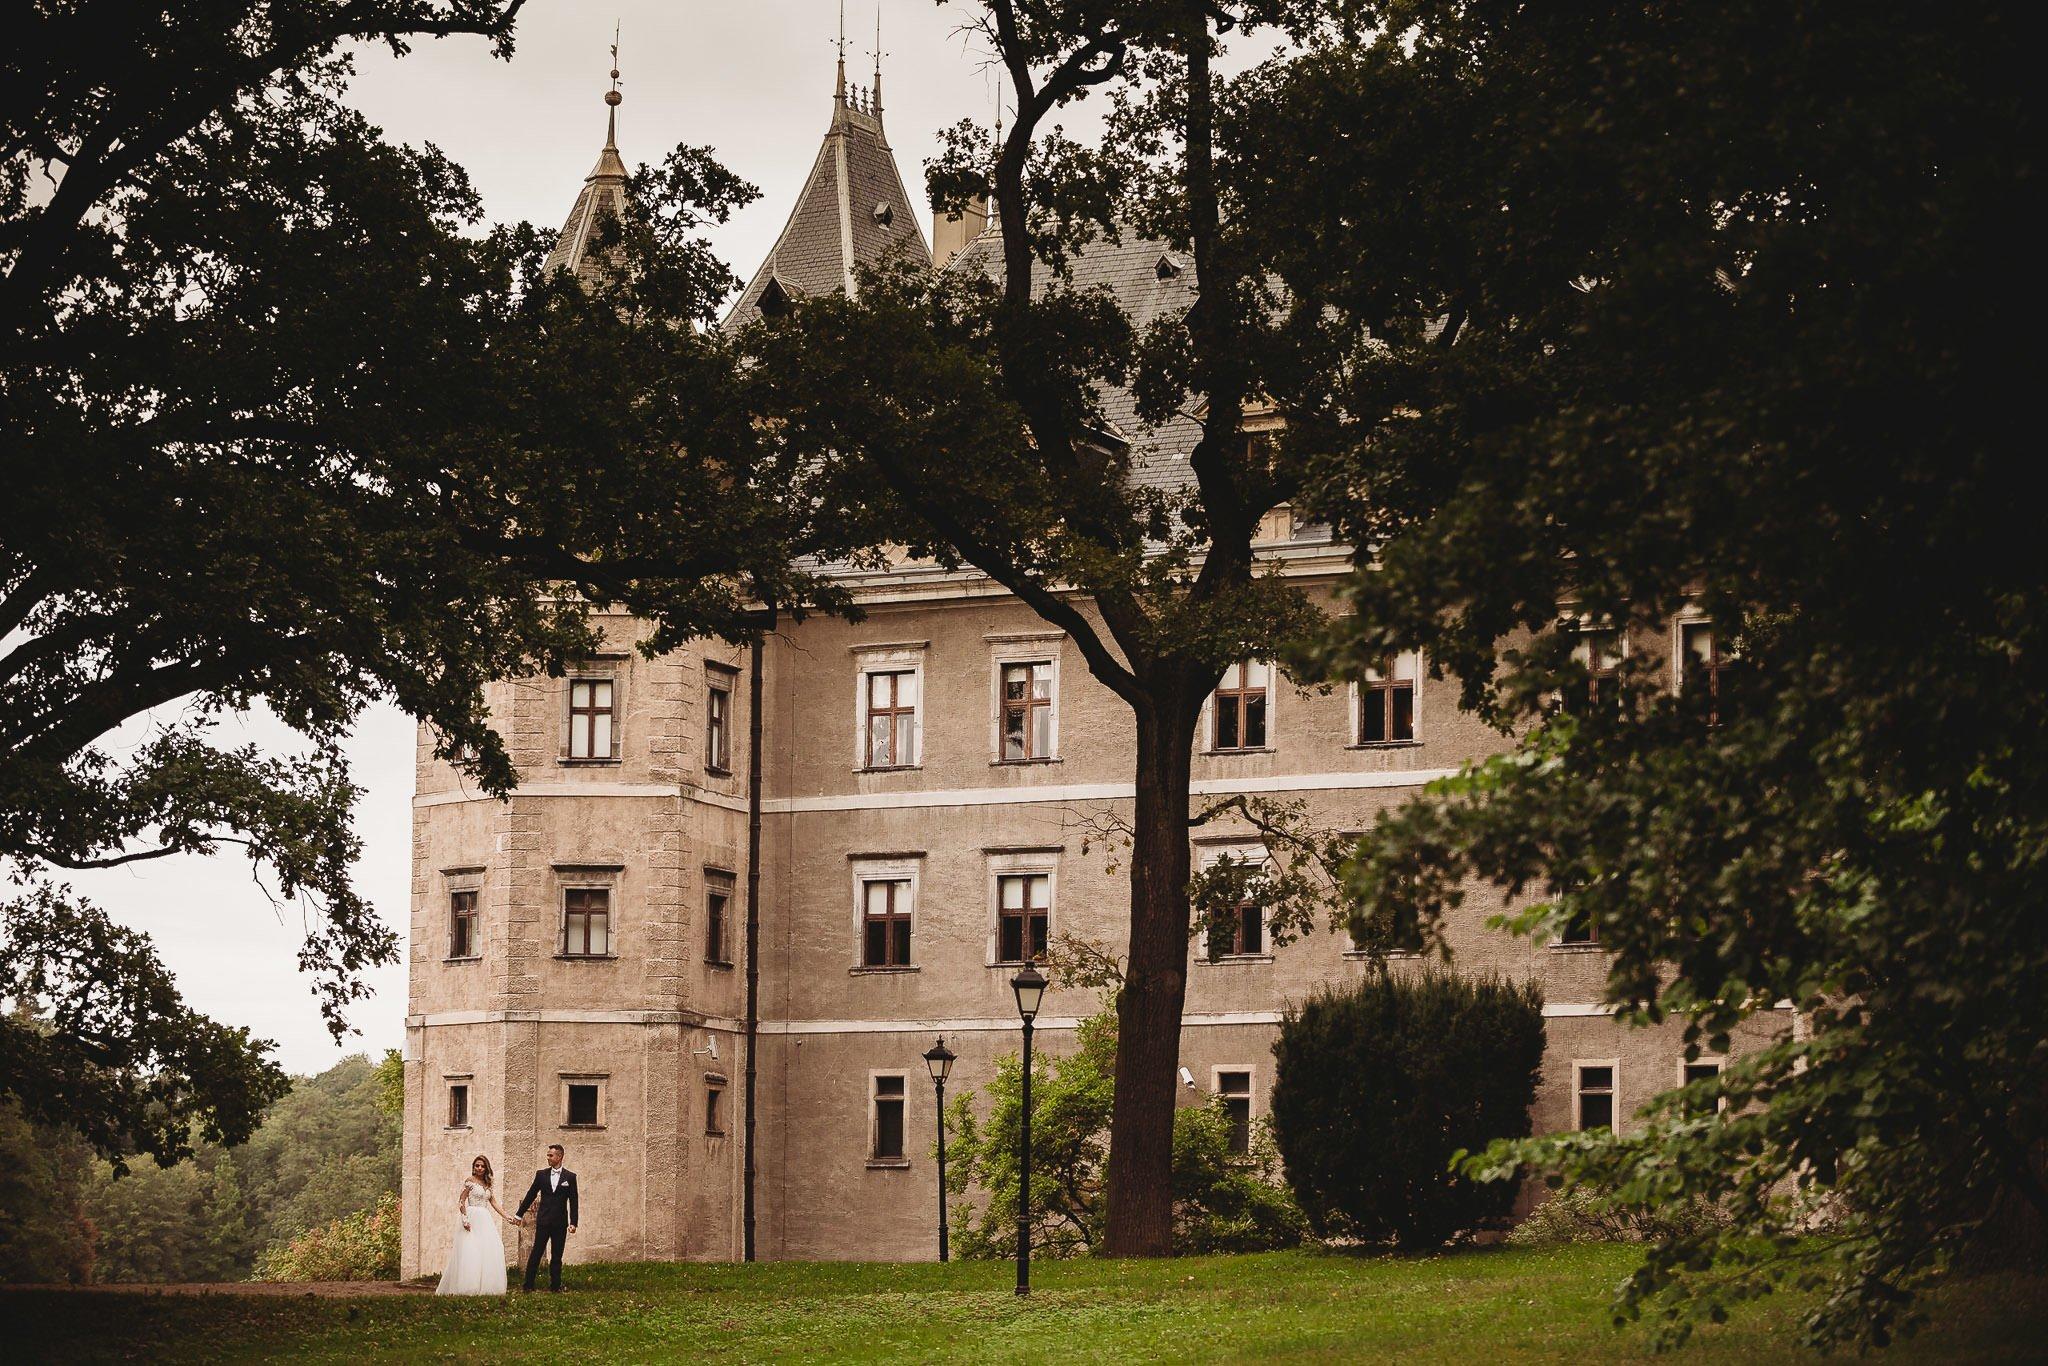 zamek Gołuchów, sesja plenerowa, pałac w Gołuchowie,sesja zamkowa, muzeum w Gołuchowie, zamek Czrtoryskich, romantyczna sesja w zamku, piękne zdjęcia, piękne fotografie, park w Gołuchowie, zdjęcia śłubne Koło,